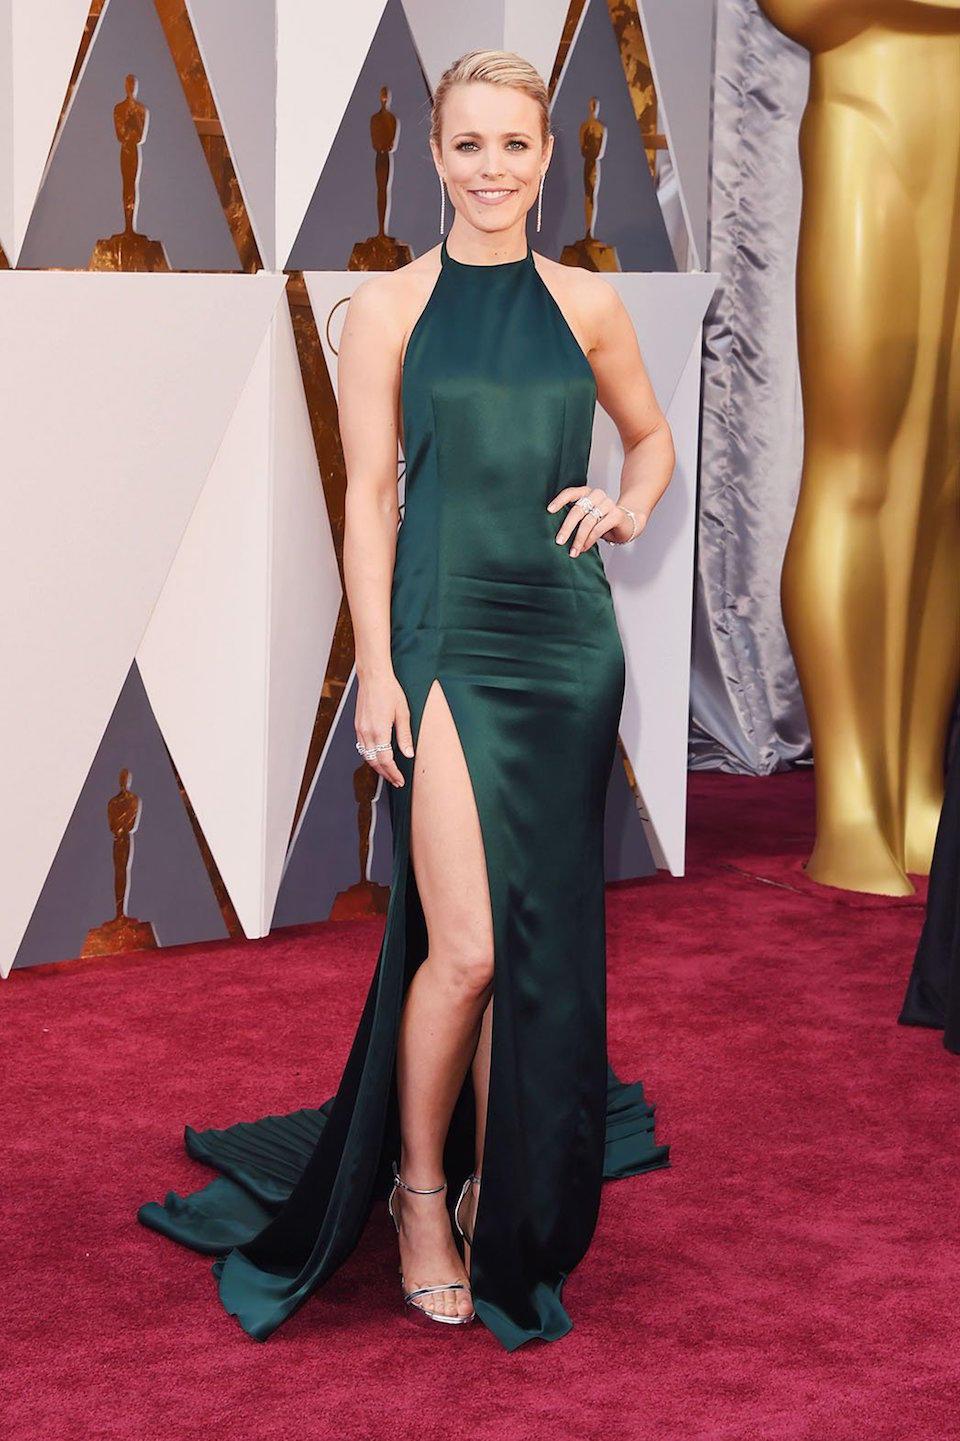 RachelMcAdams_88th_Annual_Academy_Awards